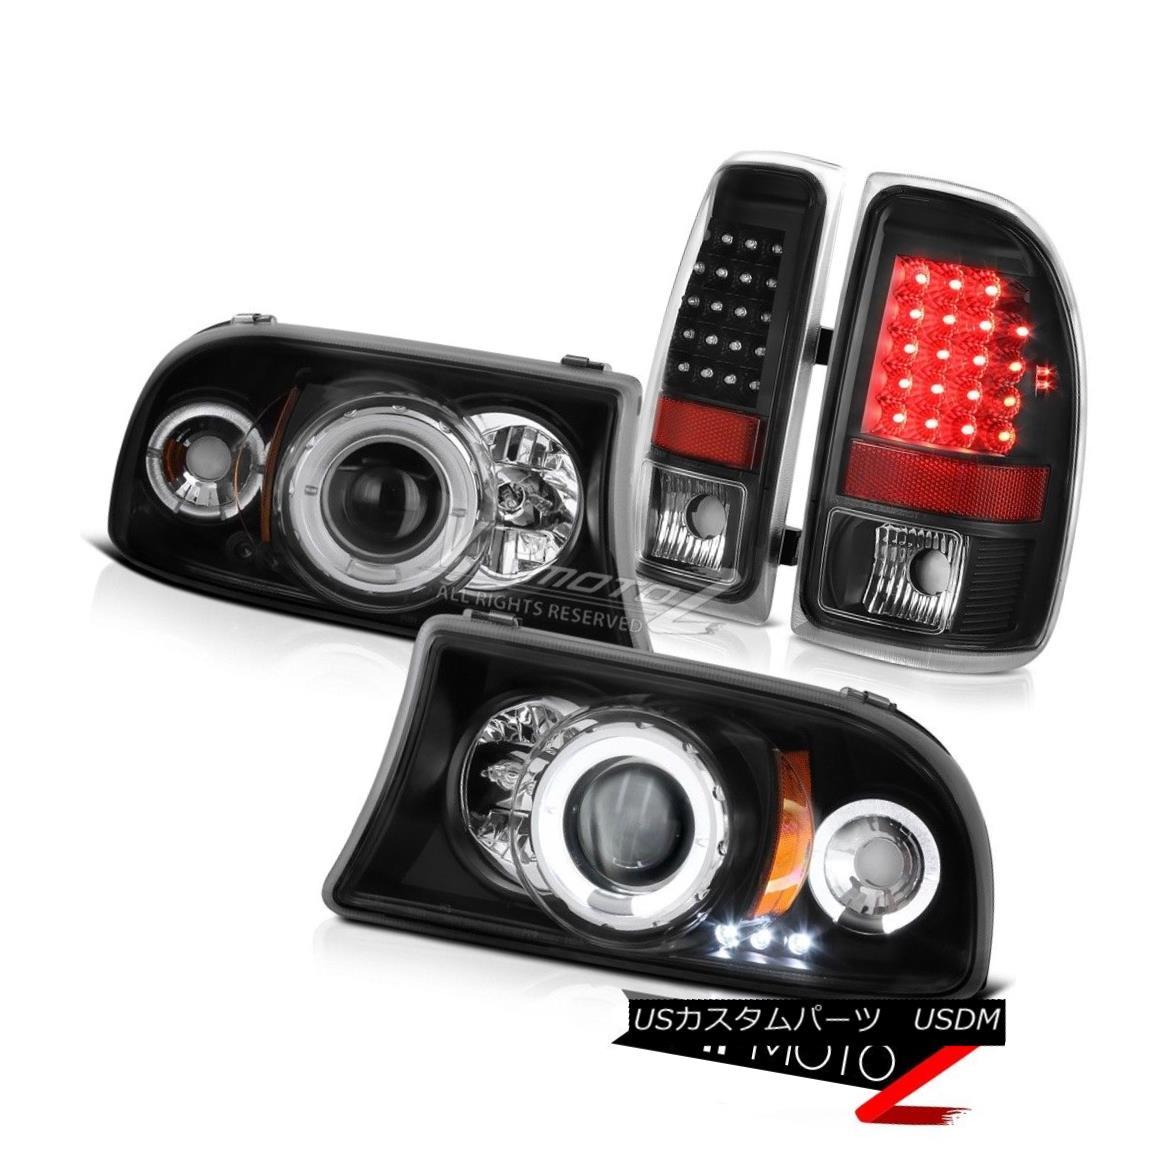 テールライト 1997-2004 Dodge Dakota Magnum Angel Eye DRL Headlamps Rear SMD Brake Tail Lights 1997-2004ダッジダコタマグナムエンジェルアイDRLヘッドランプリアSMDブレーキテールライト